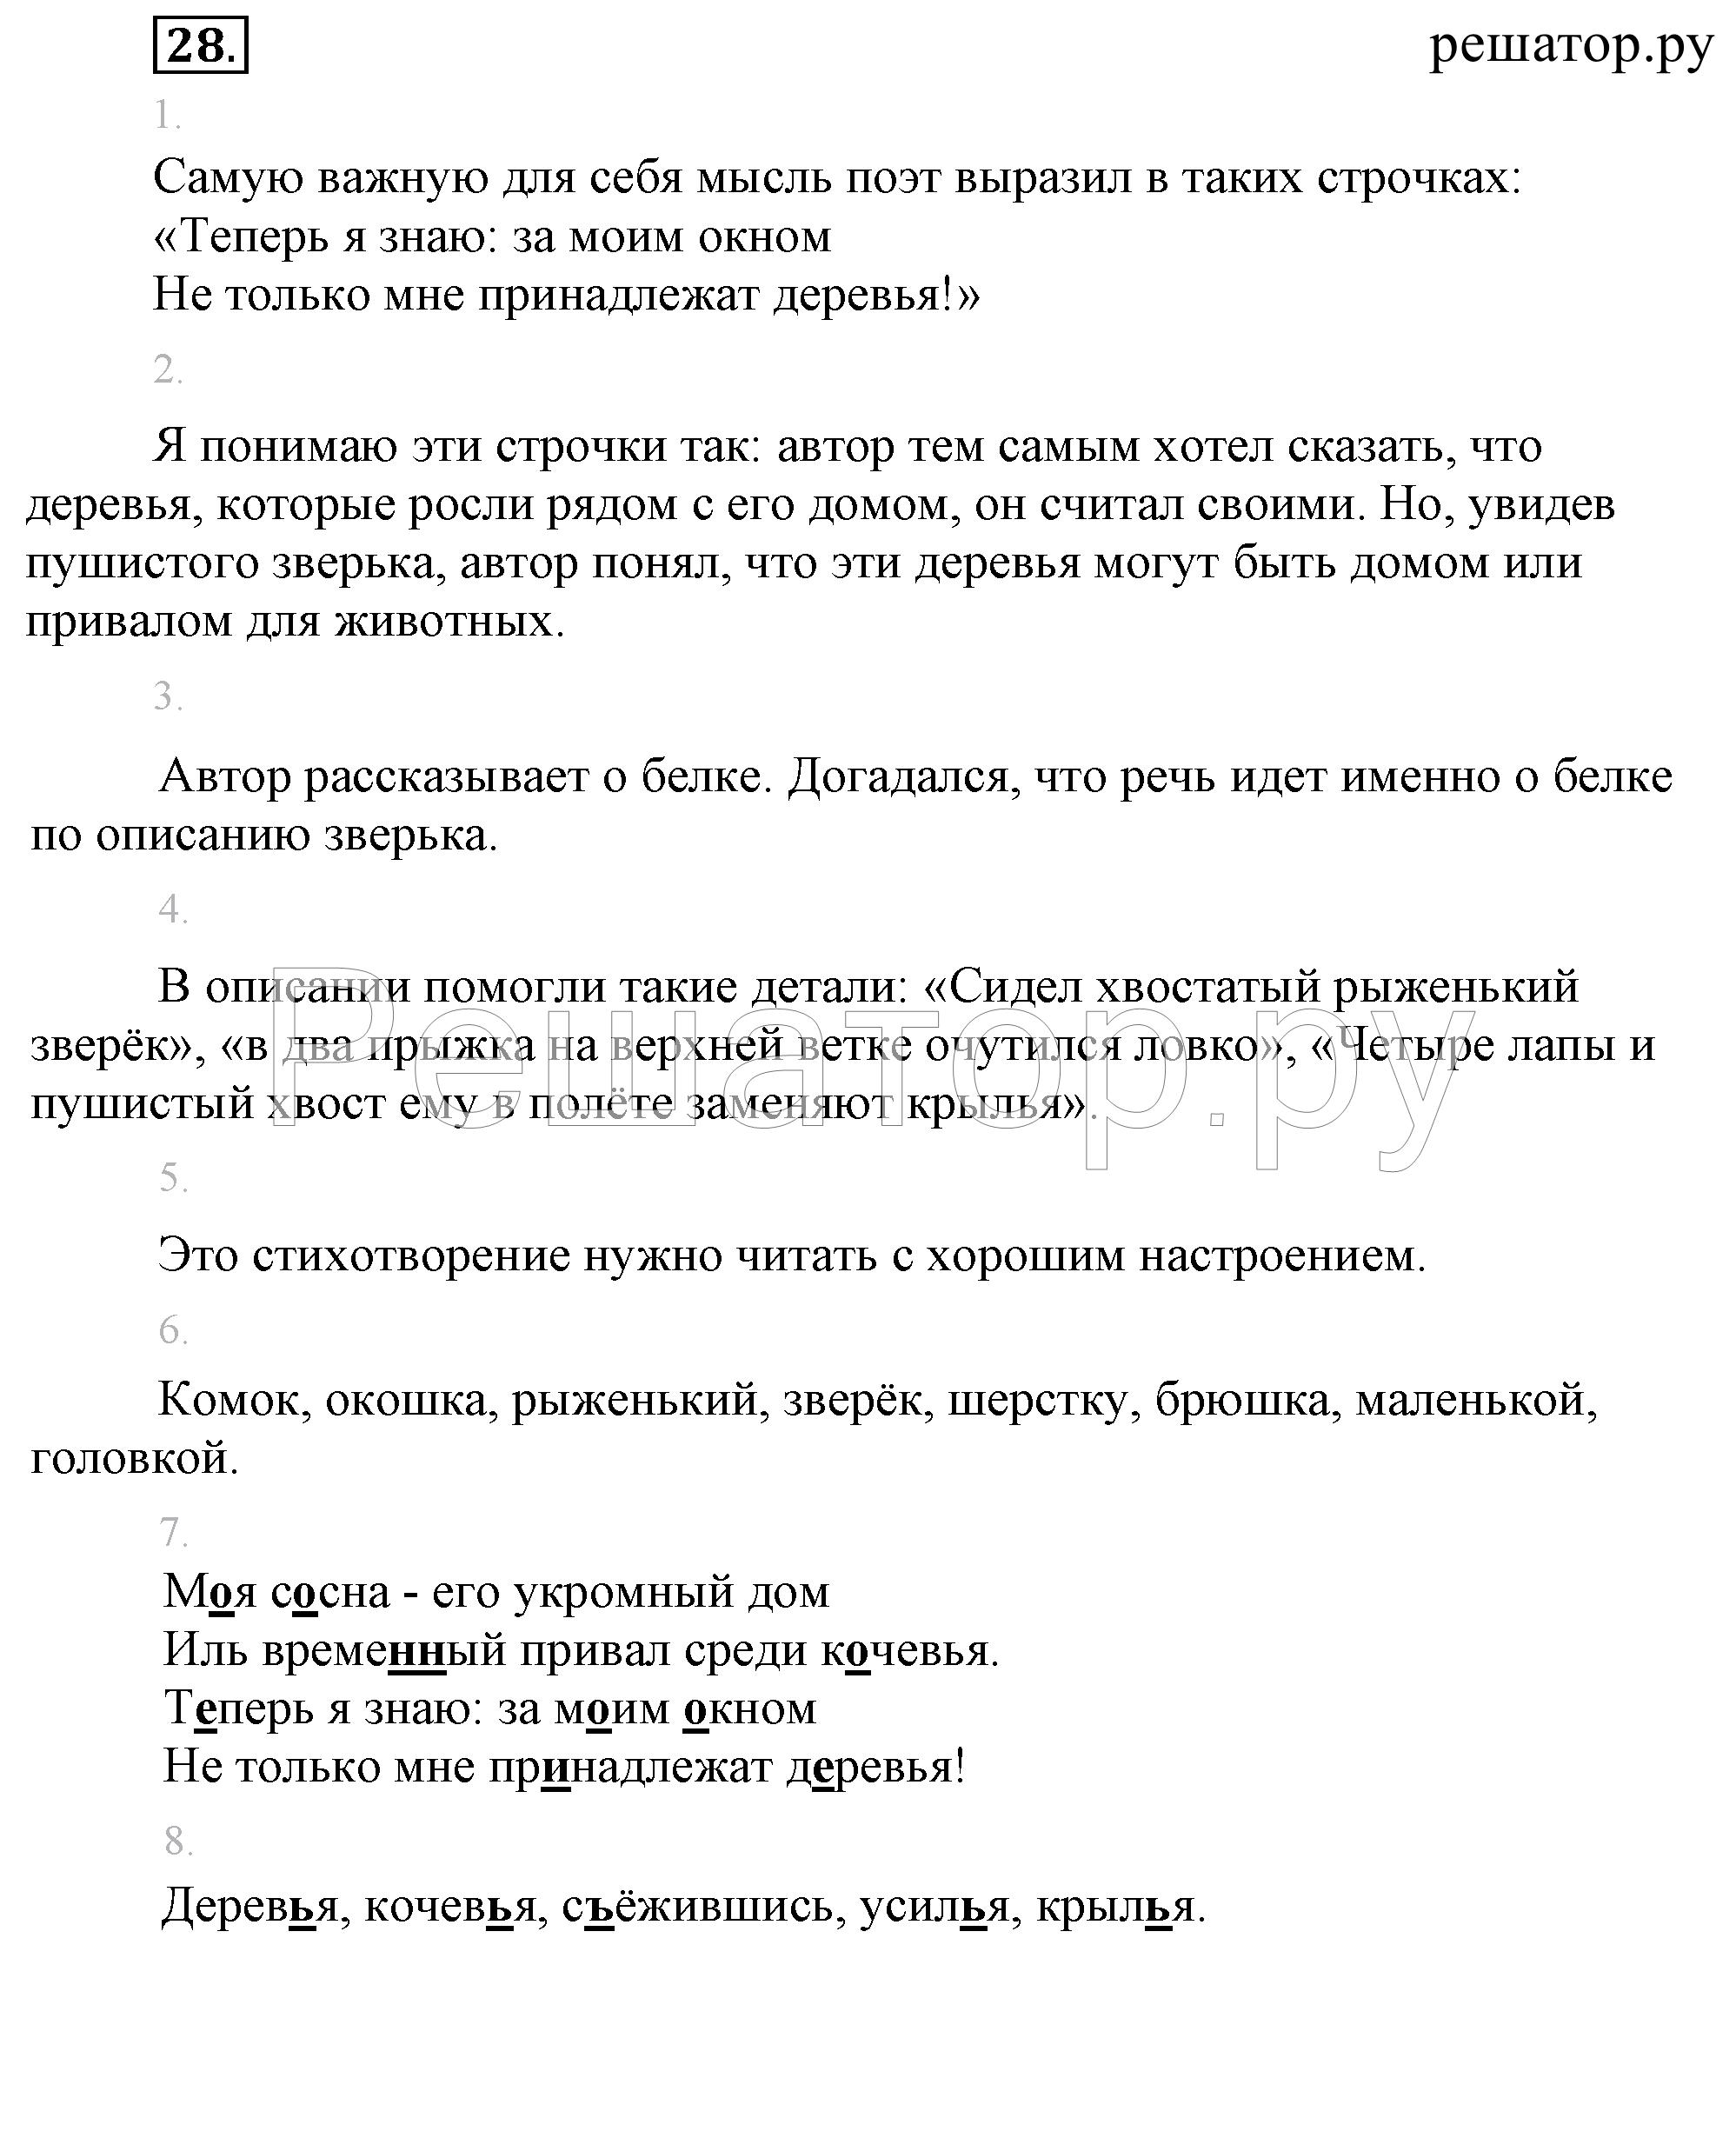 Документ книга бунеев русский язык 7 класс